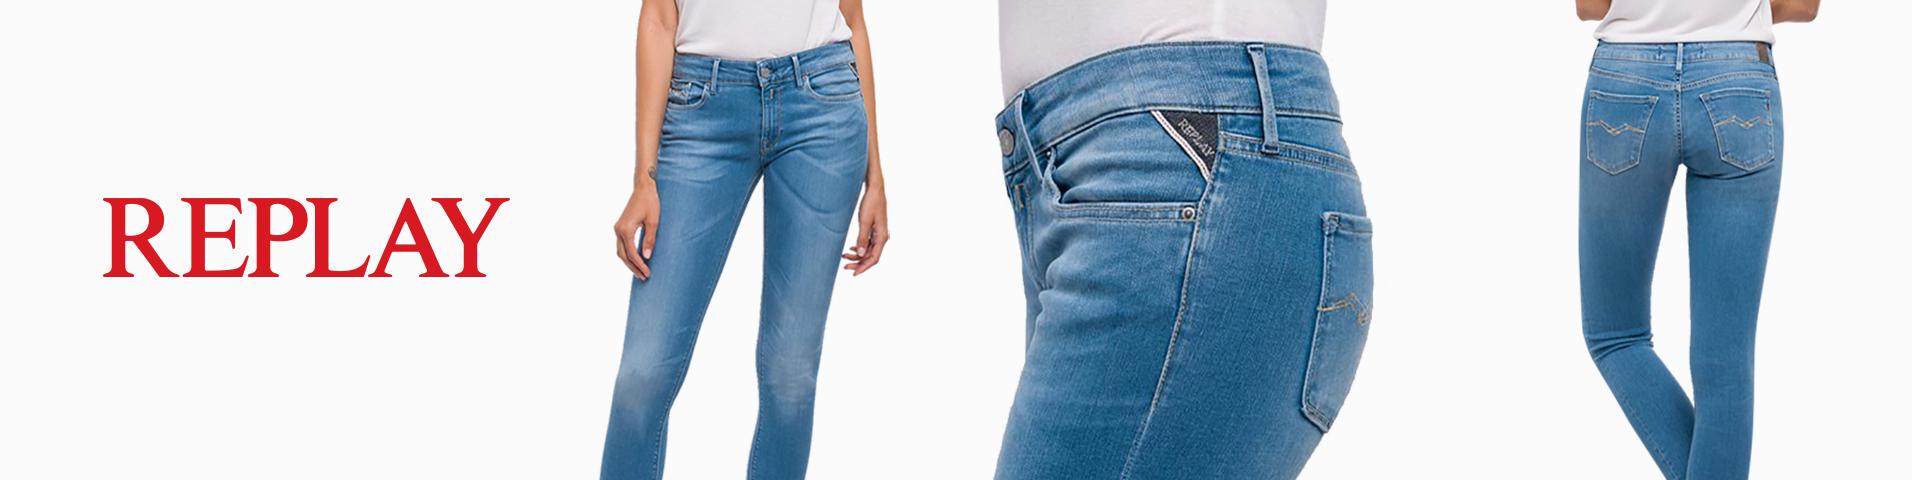 a2659d29f0 Pantalones vaqueros de mujer de Replay